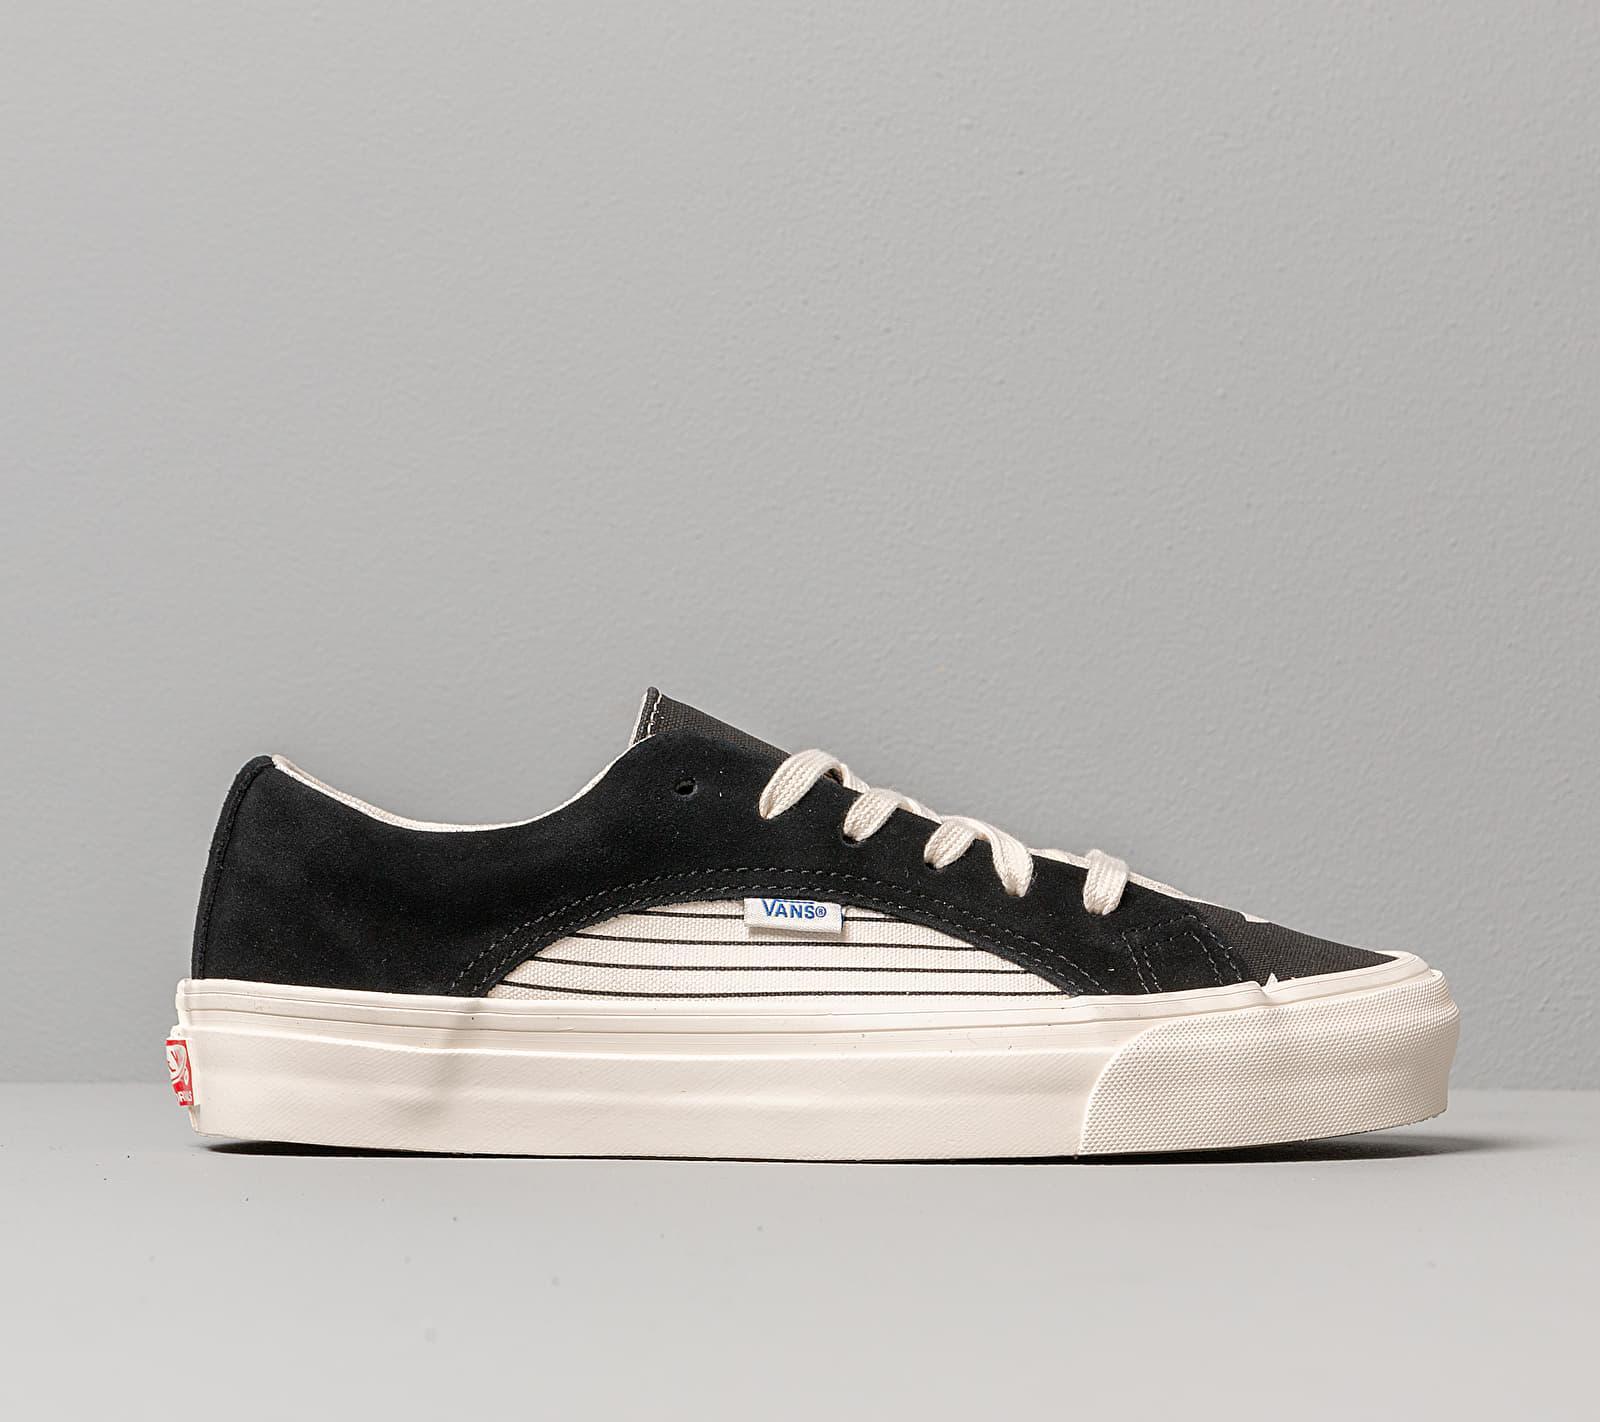 OG Lampin LX (Suede/ Canvas) Black/ Mars Vans